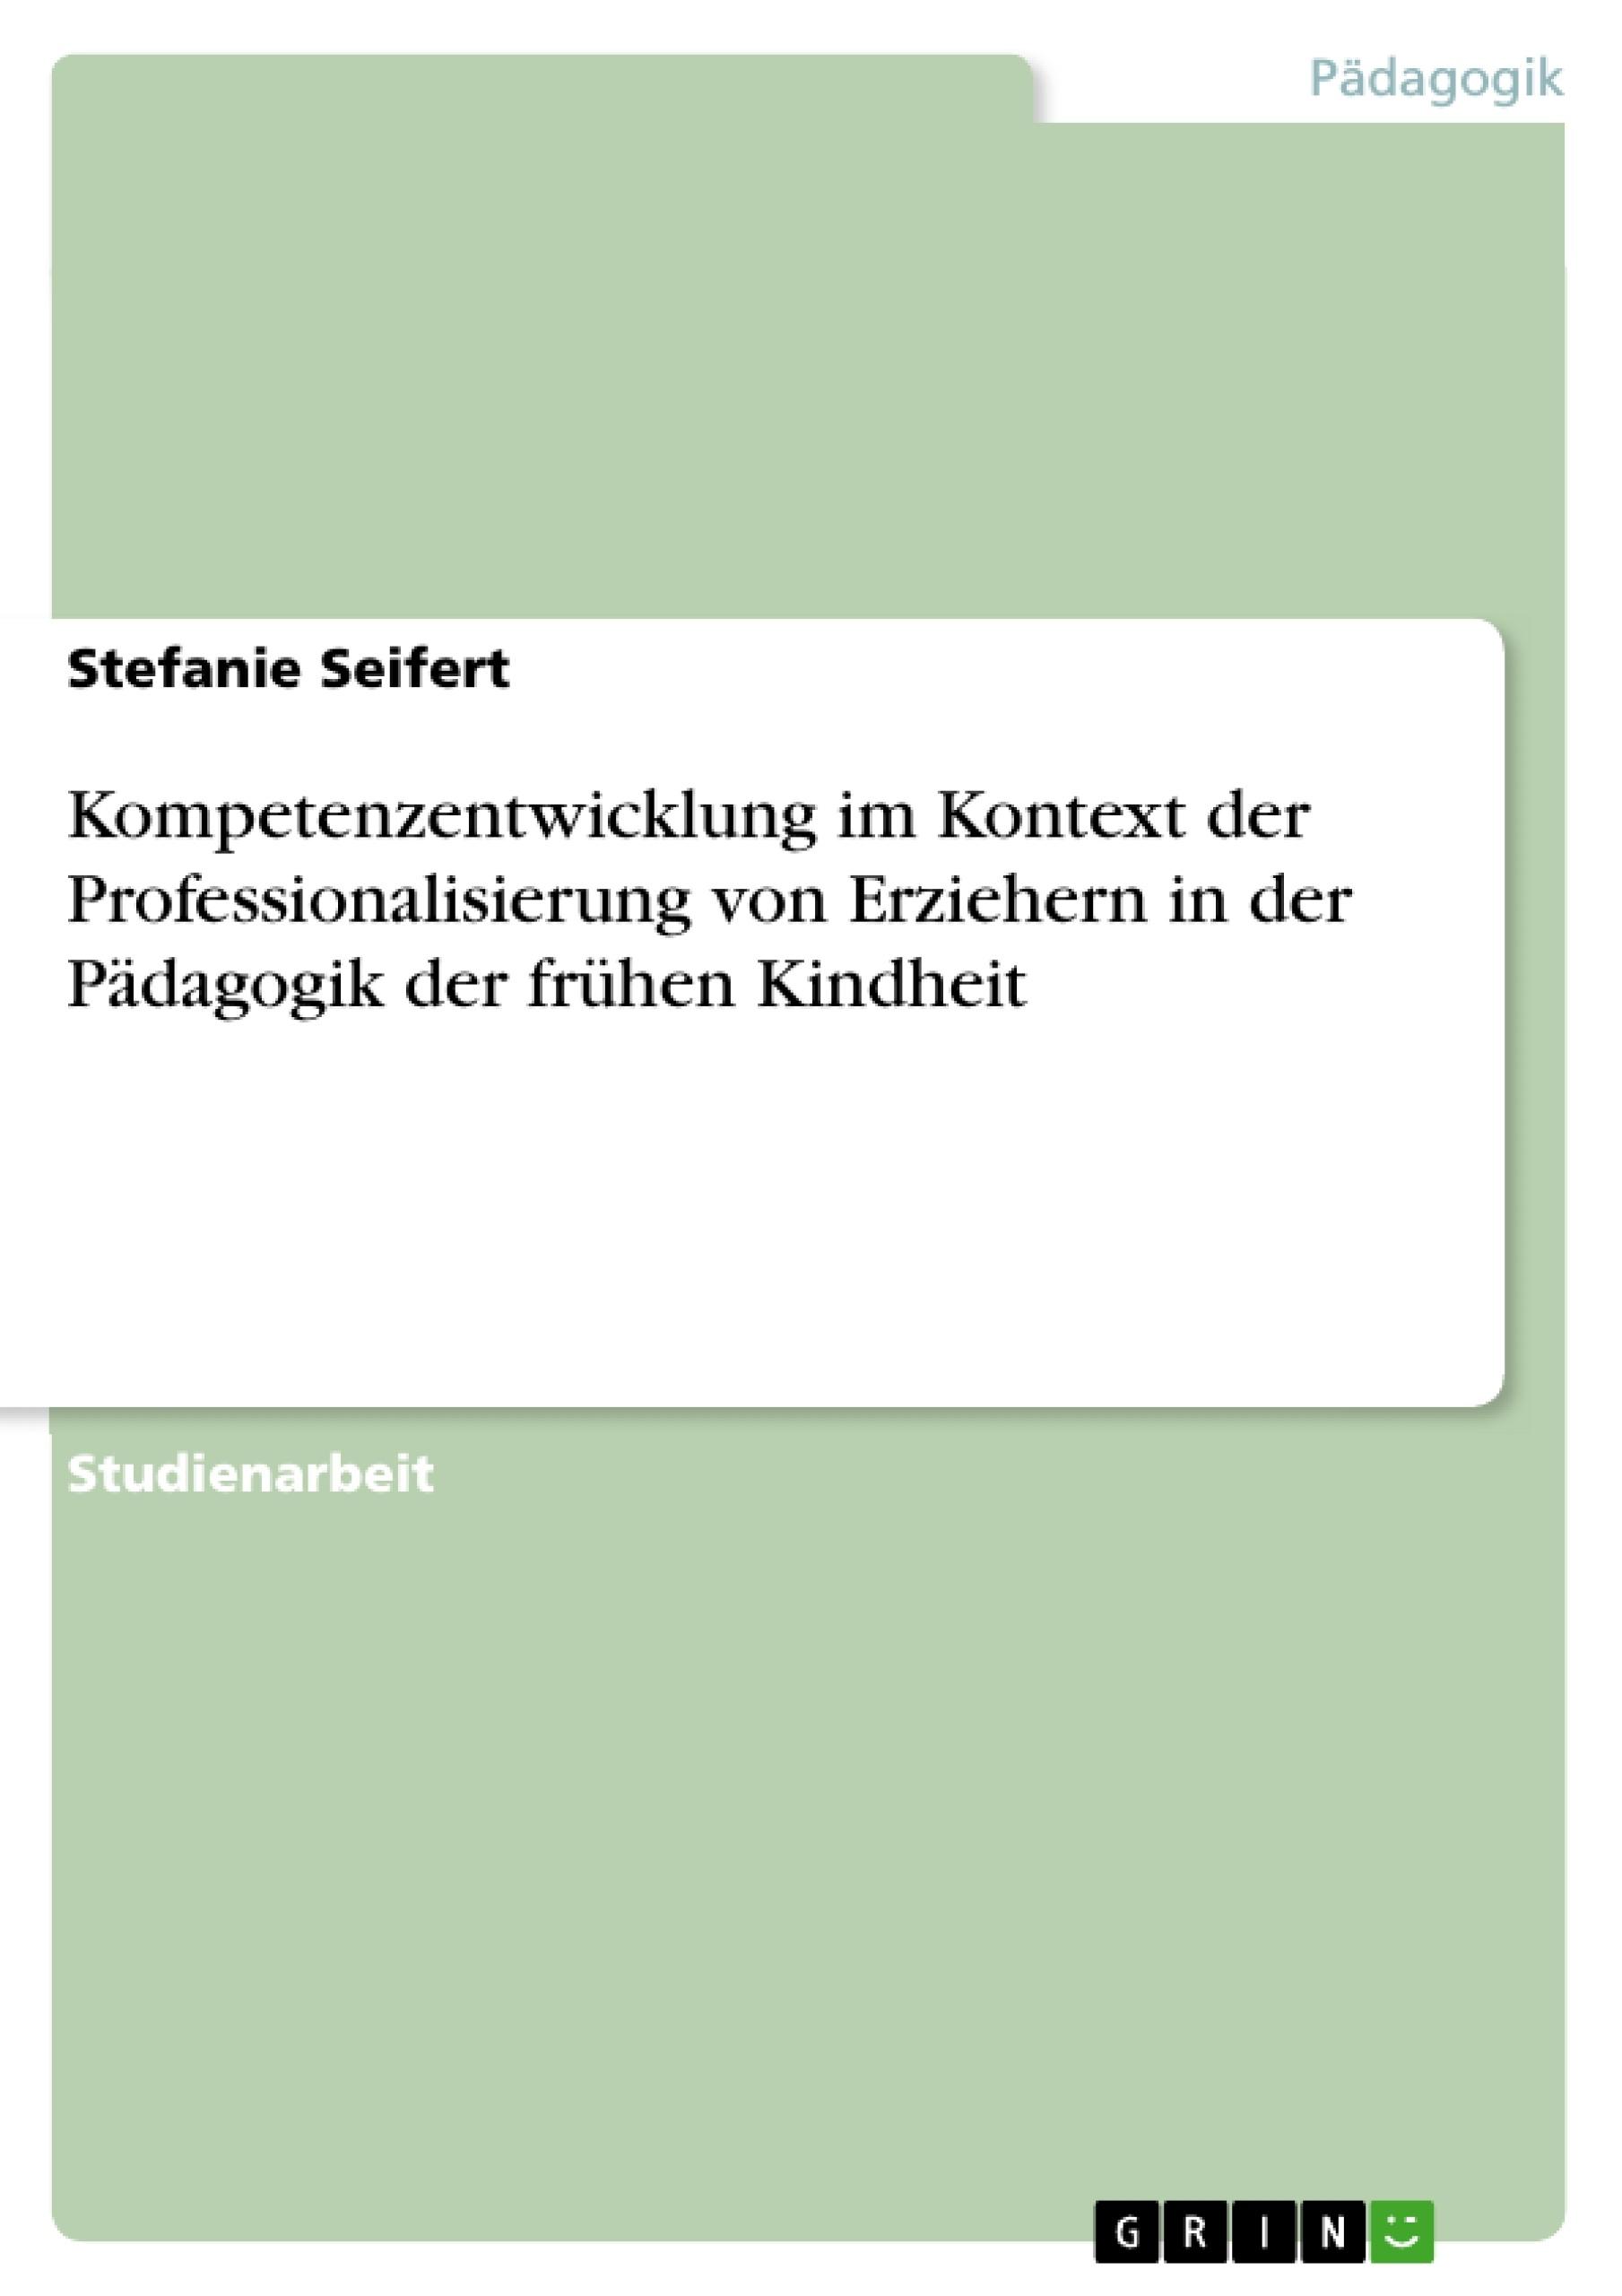 Titel: Kompetenzentwicklung im Kontext der Professionalisierung von Erziehern in der Pädagogik der frühen Kindheit